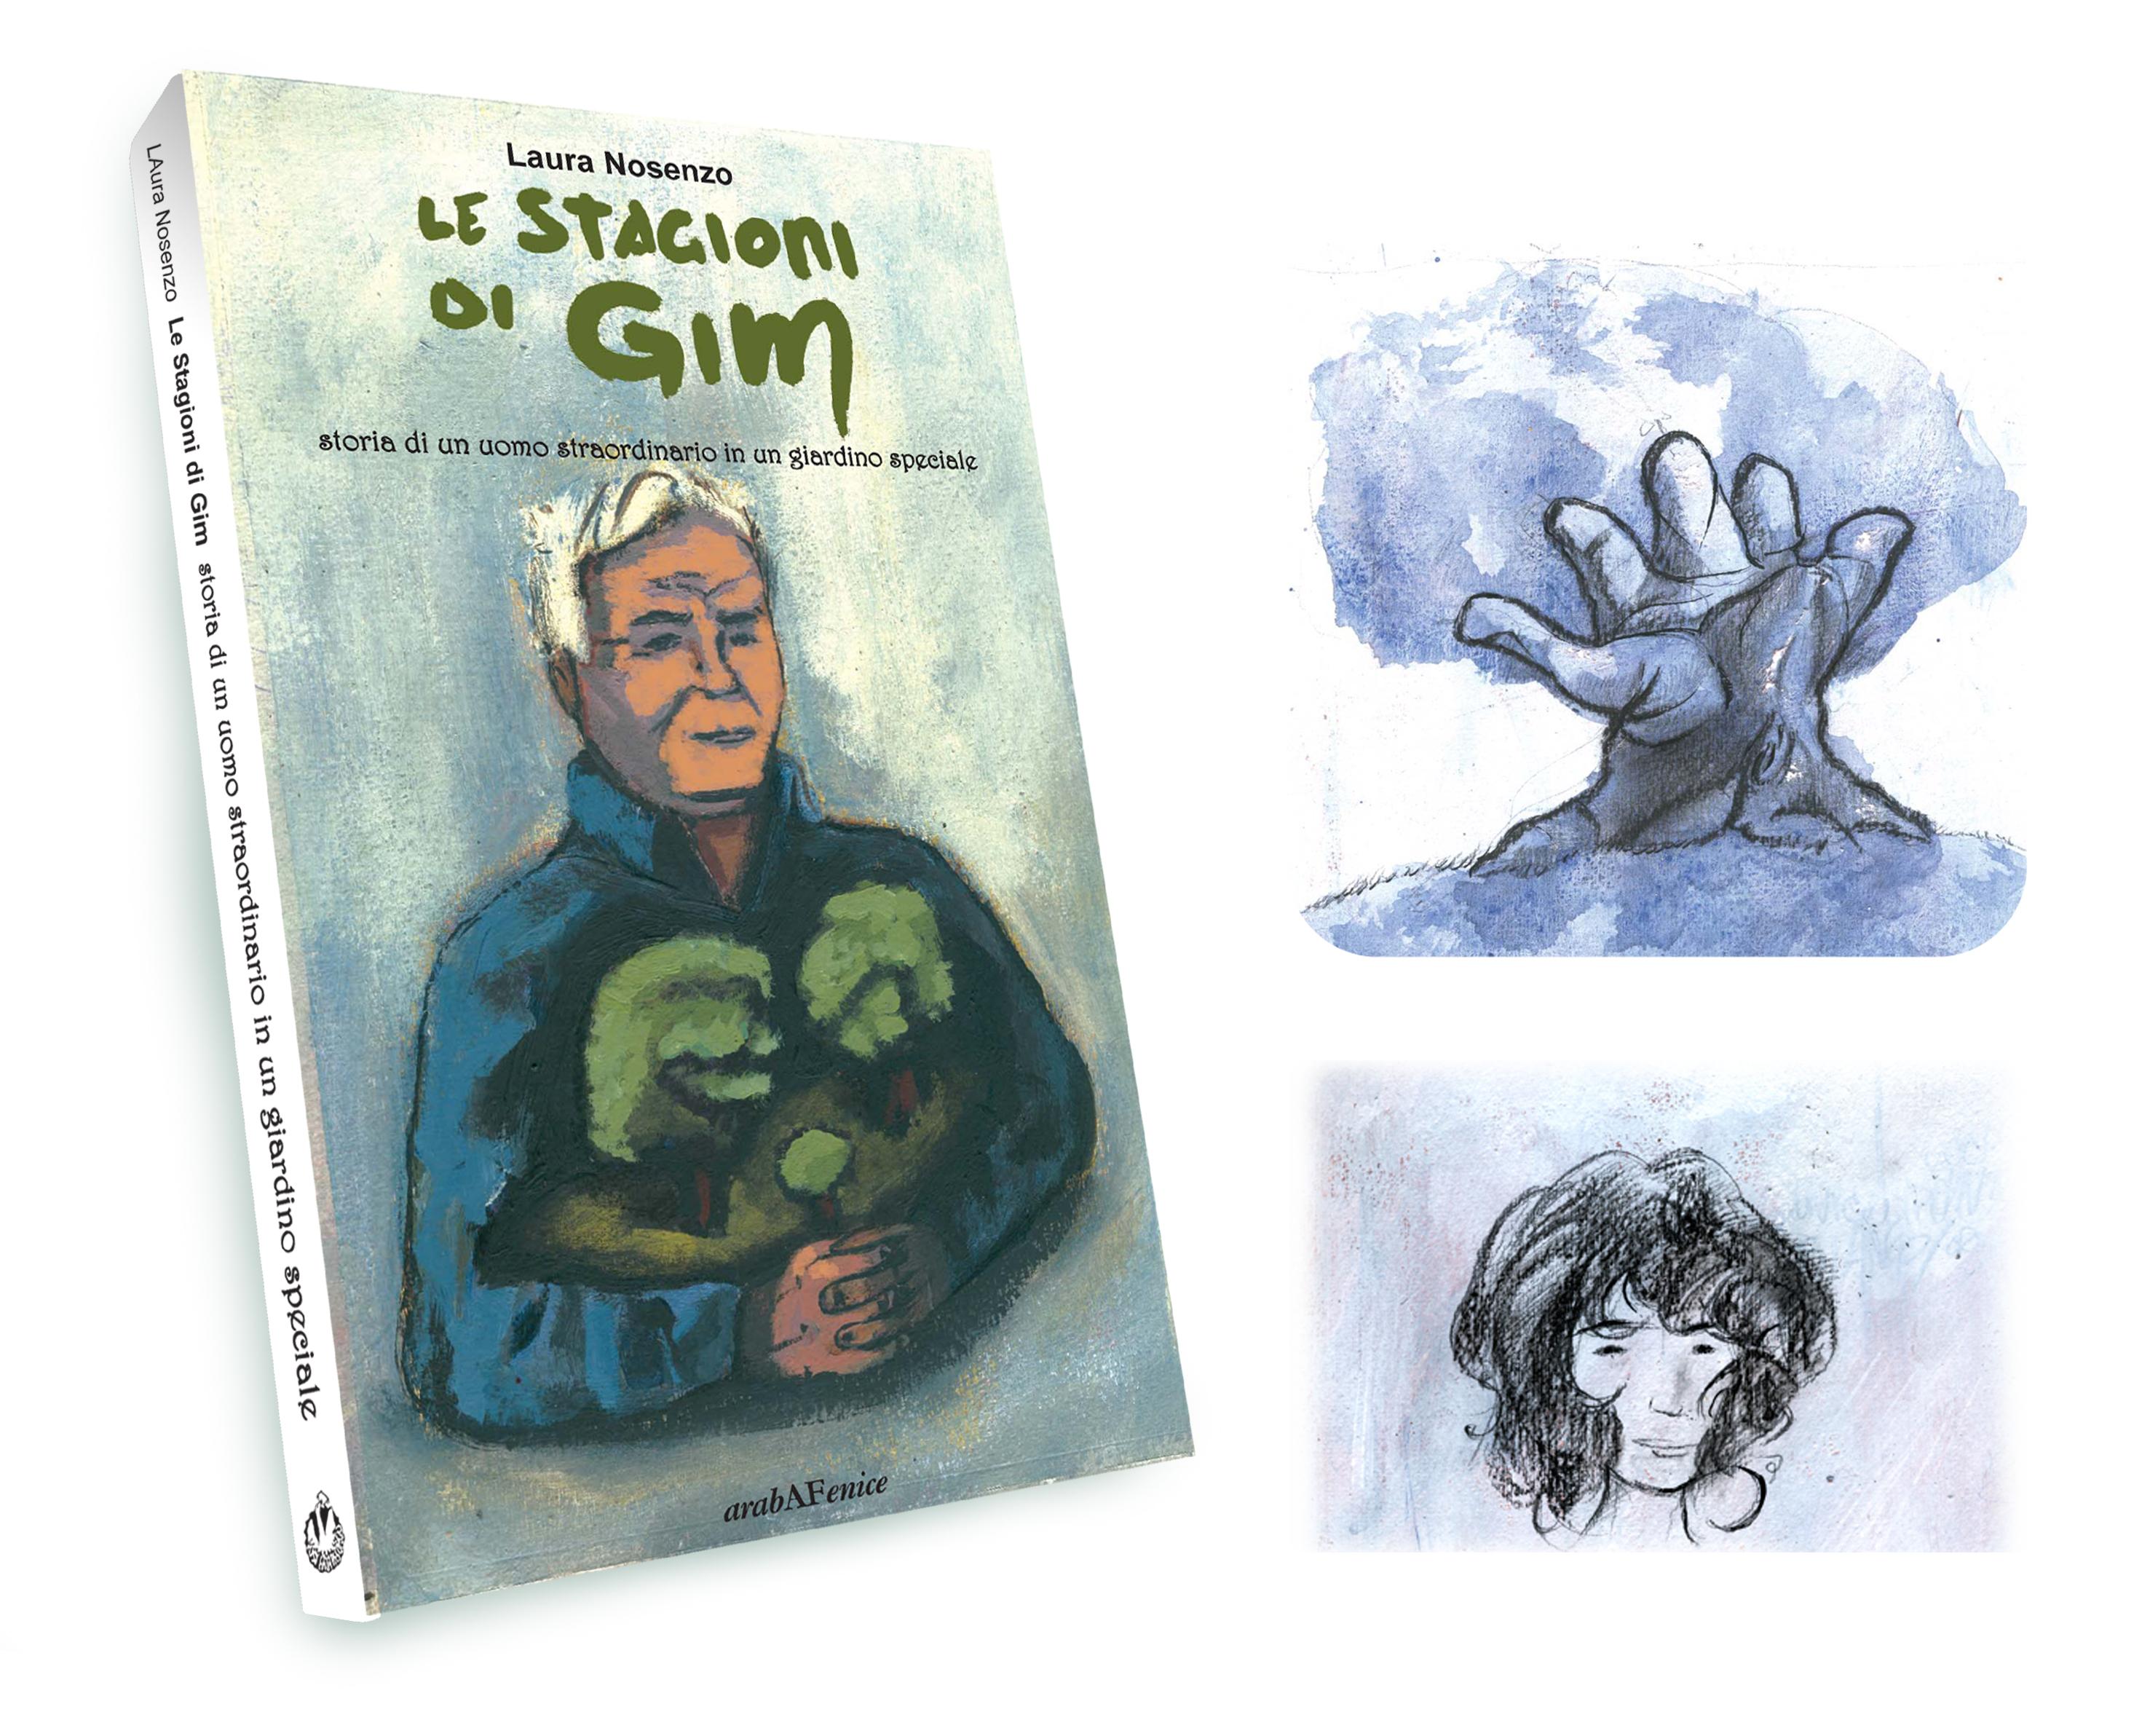 Le Stagioni di Gim - Cover Design Andrea Franzosi